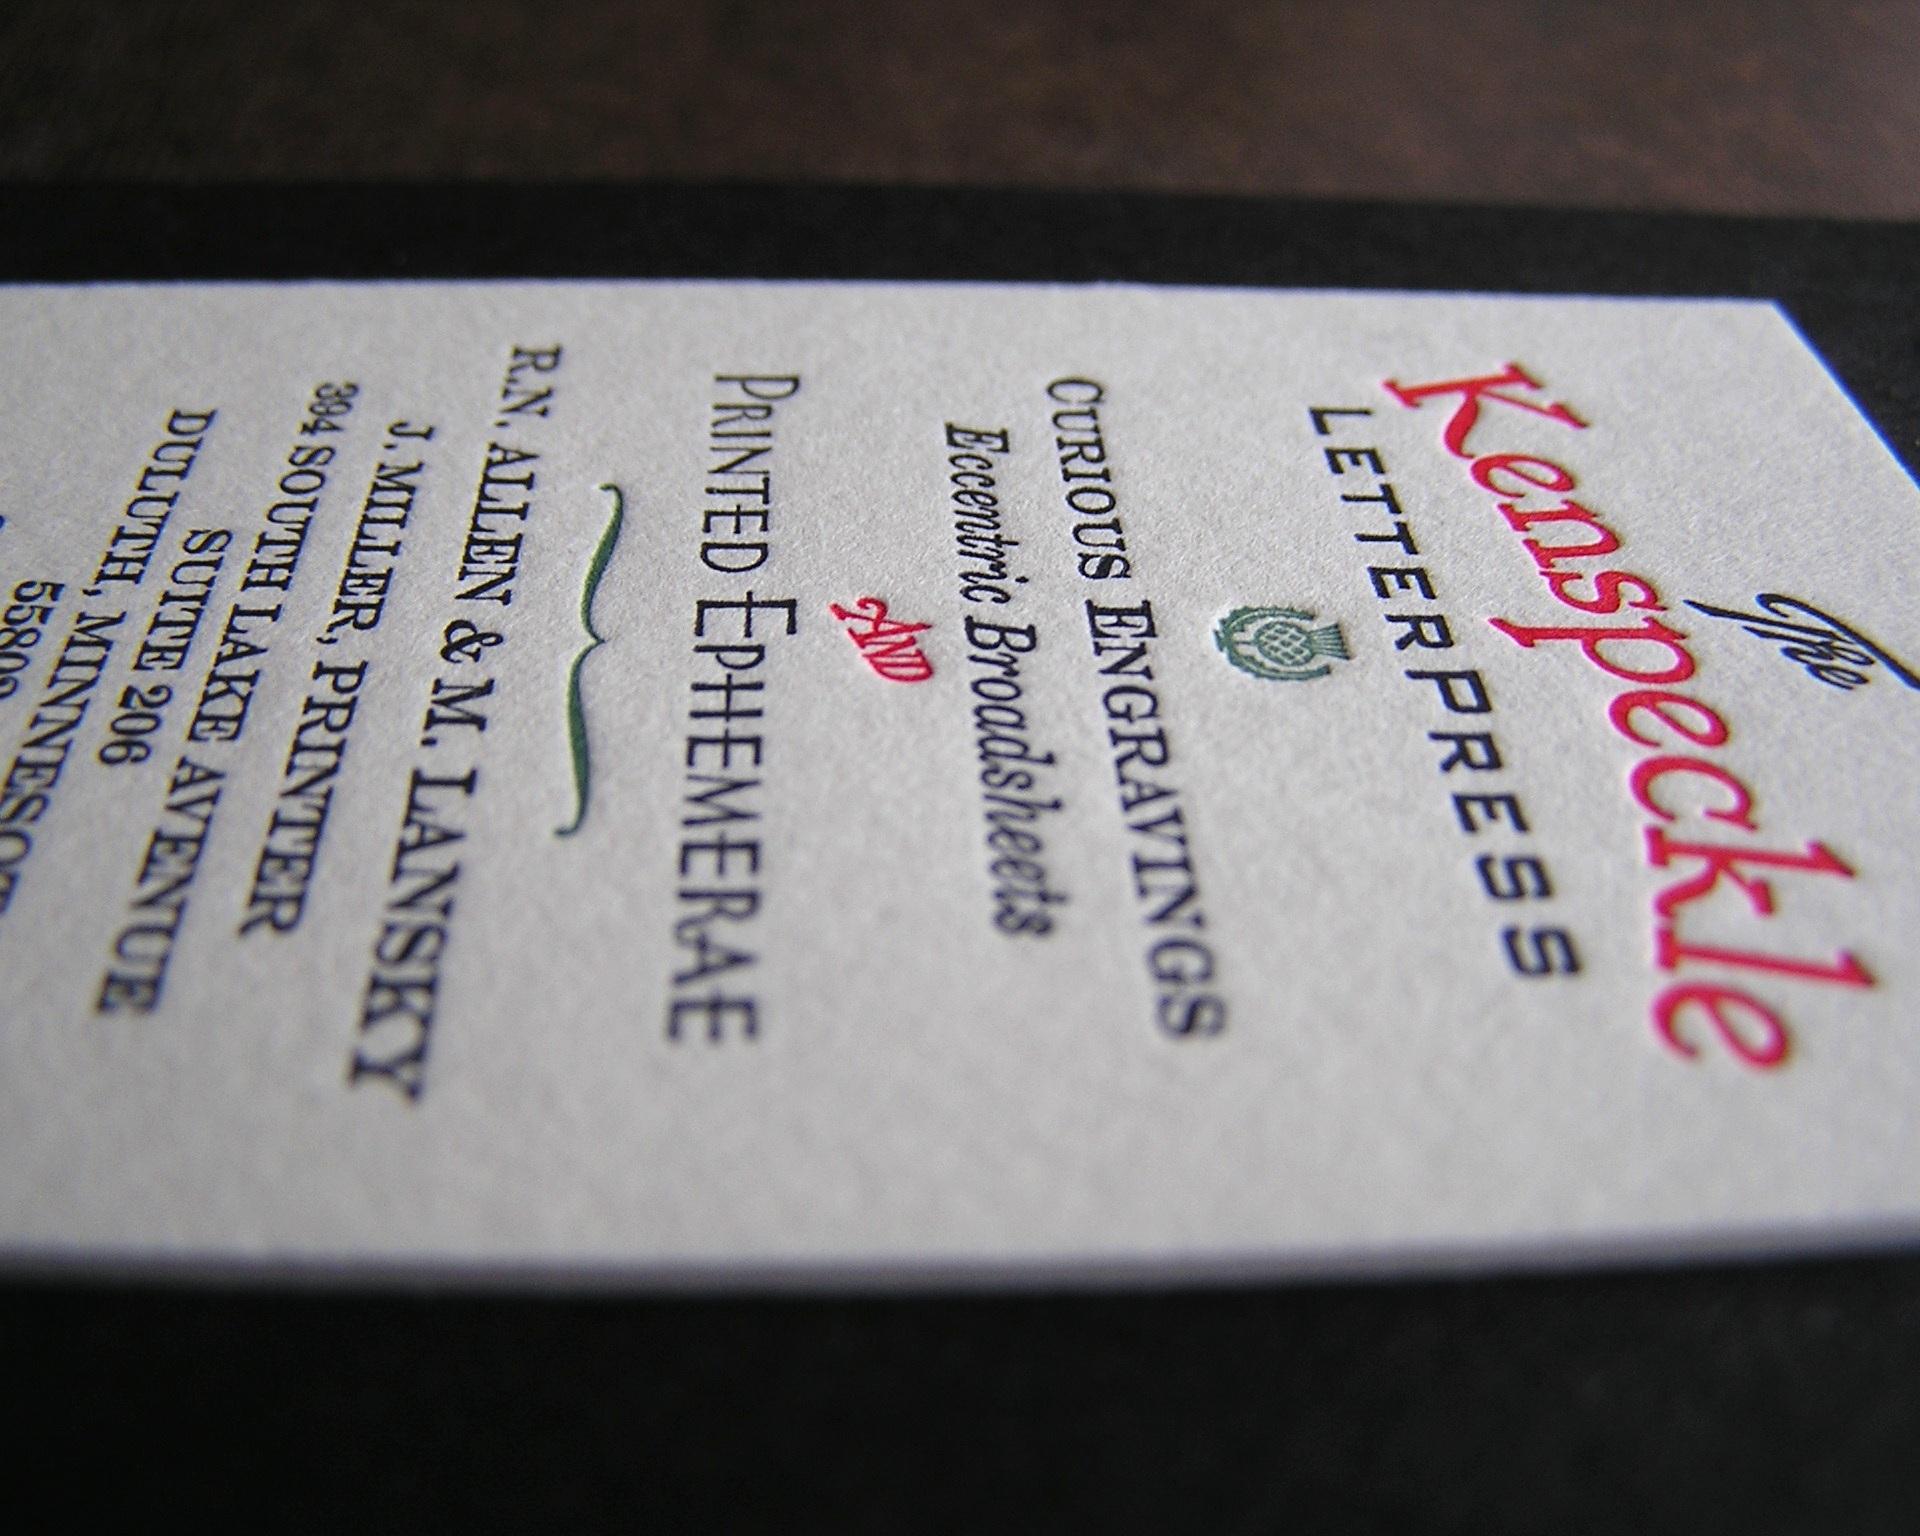 Design by Kenspeckle Letterpress